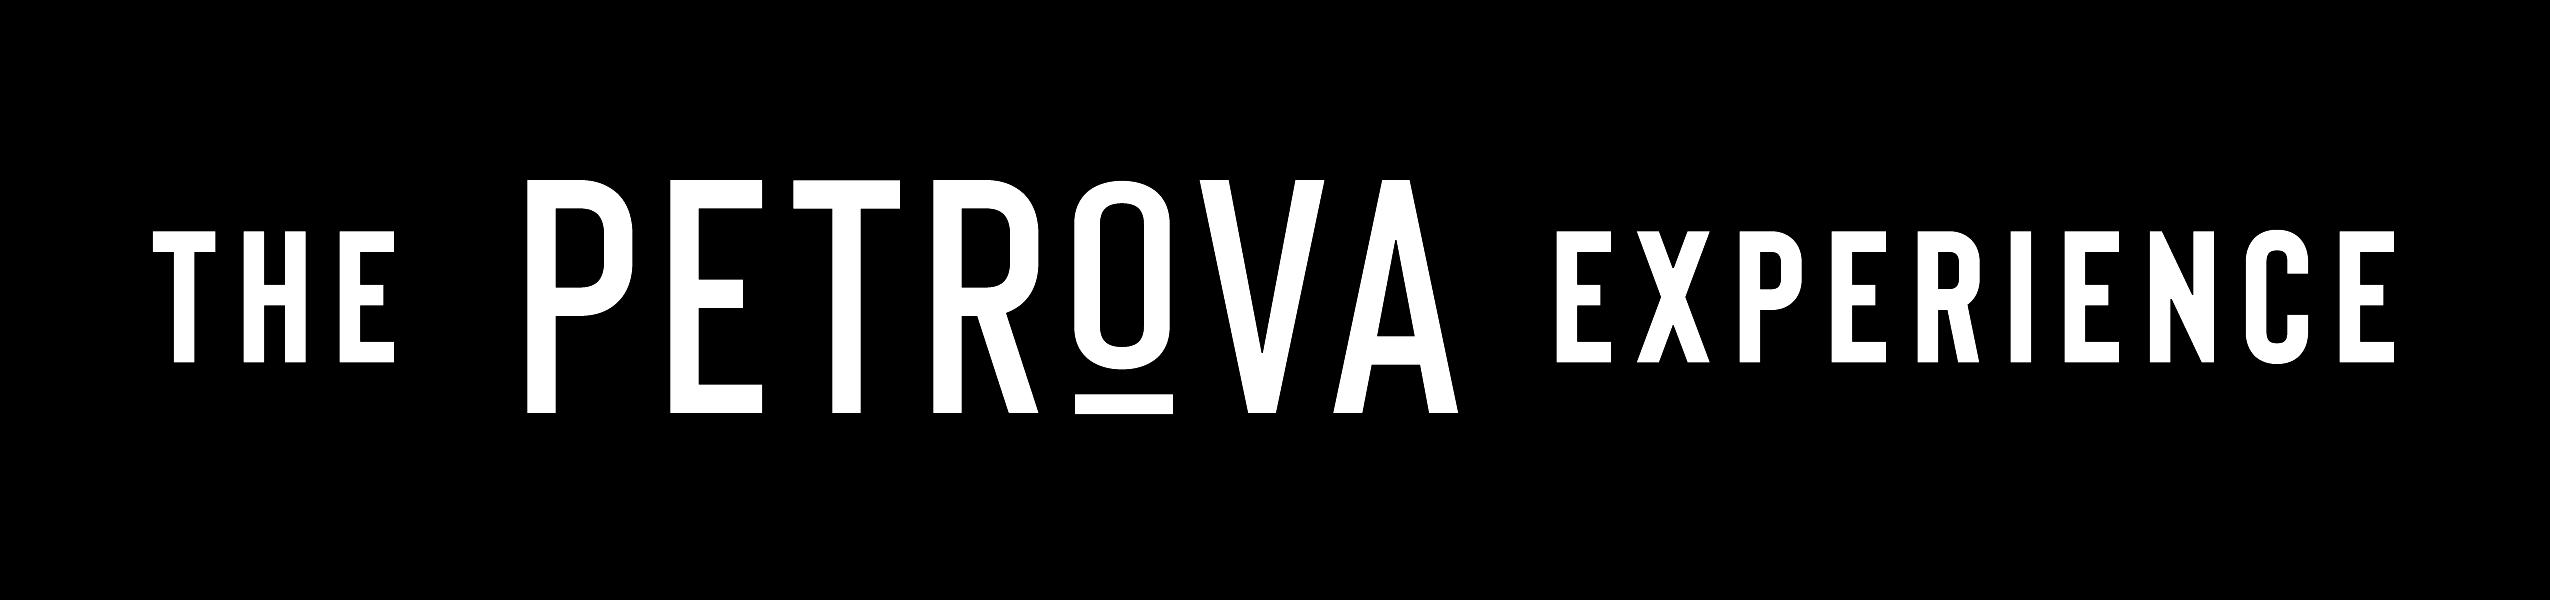 The Petrova Experience